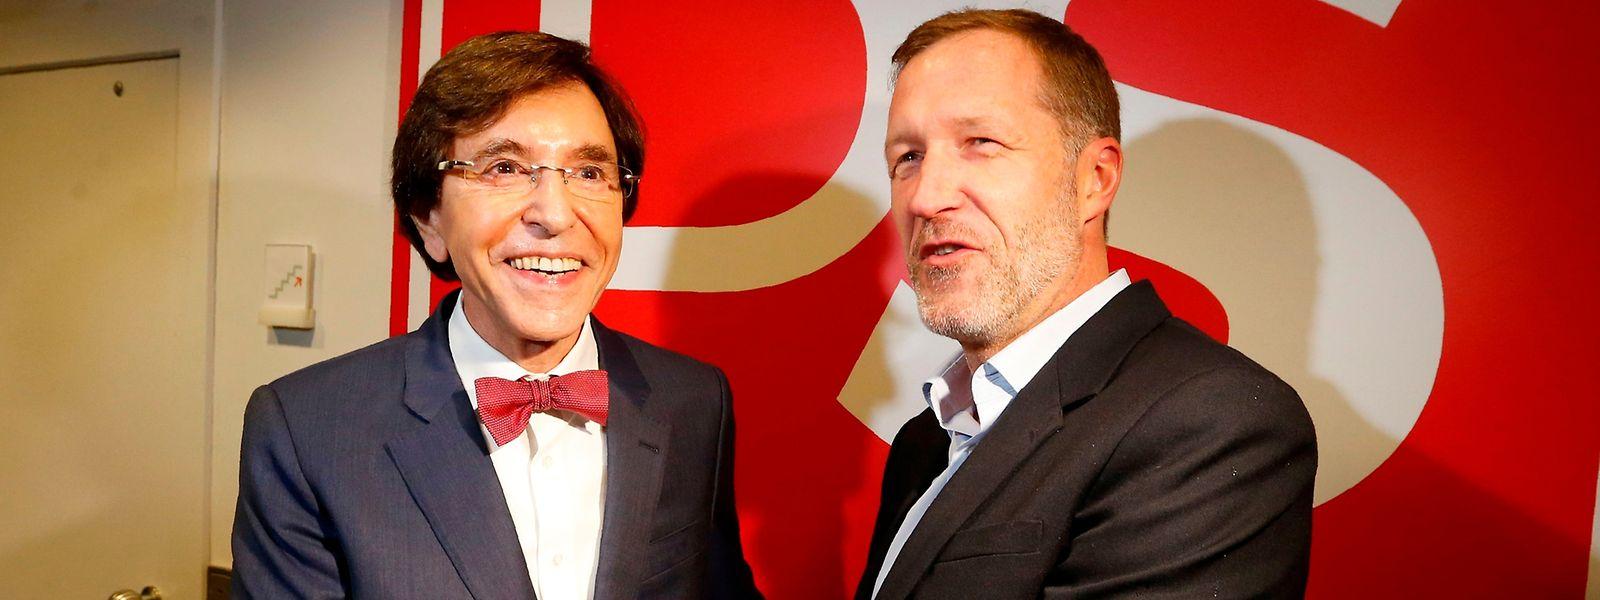 Elio Di Rupo et Paul Magnette. Les deux hommes incarnent le passé et l'avenir du PS.